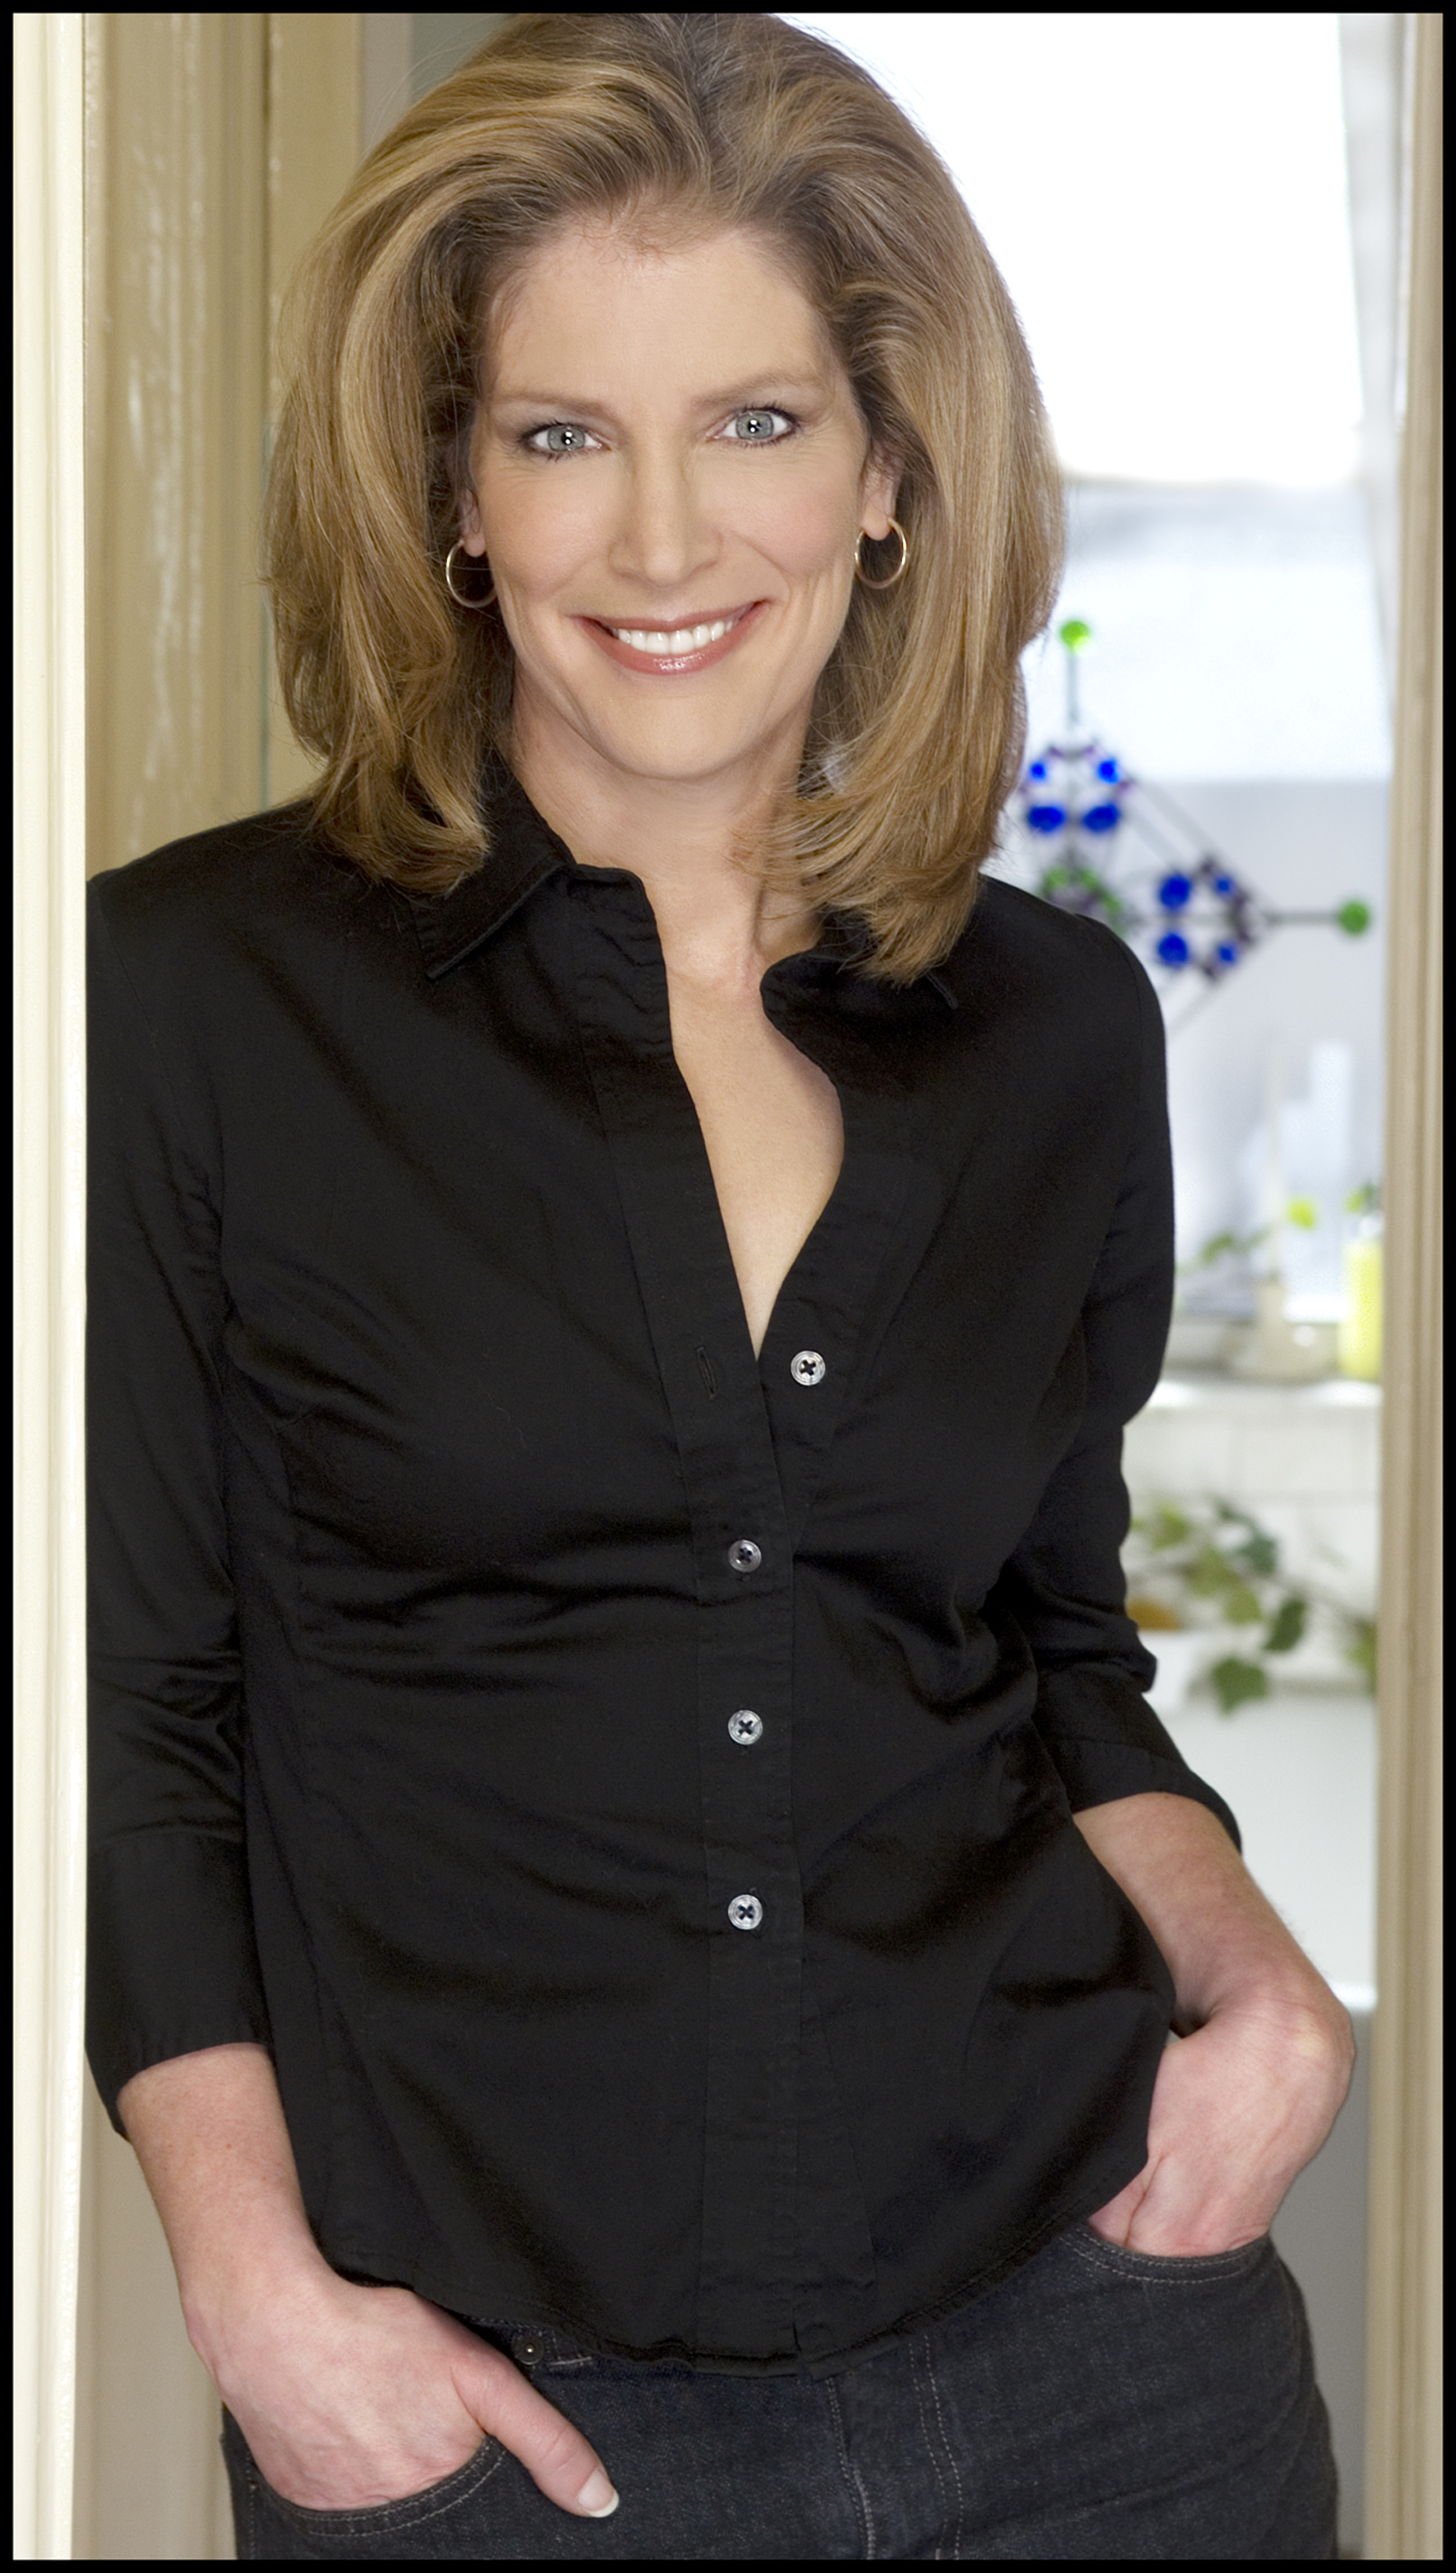 Patricia Kalember sela ward